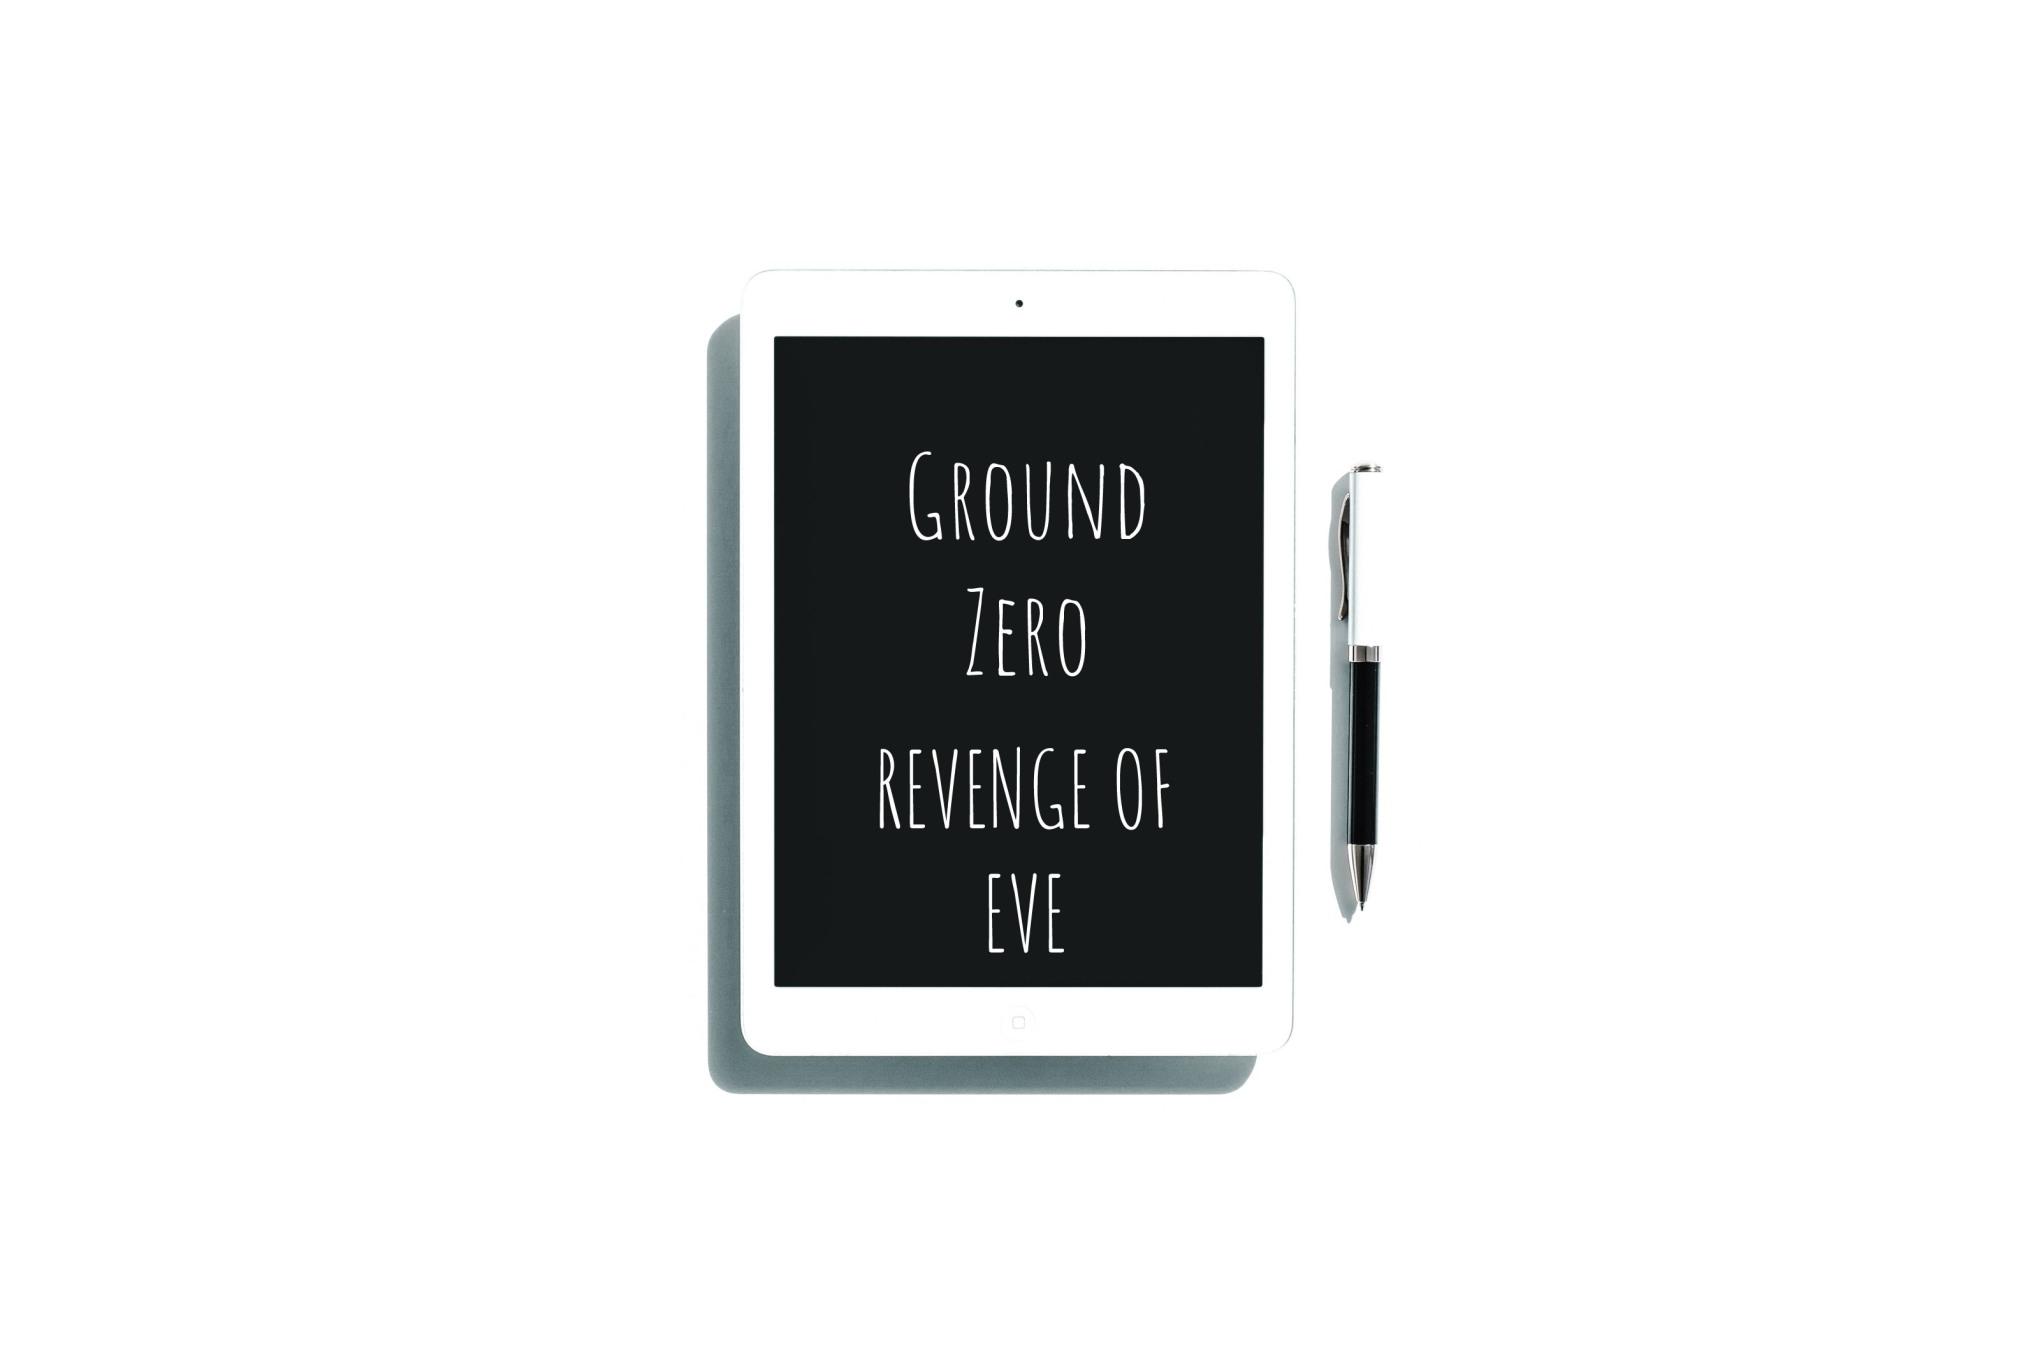 Ground Zero-Revenge of Eve